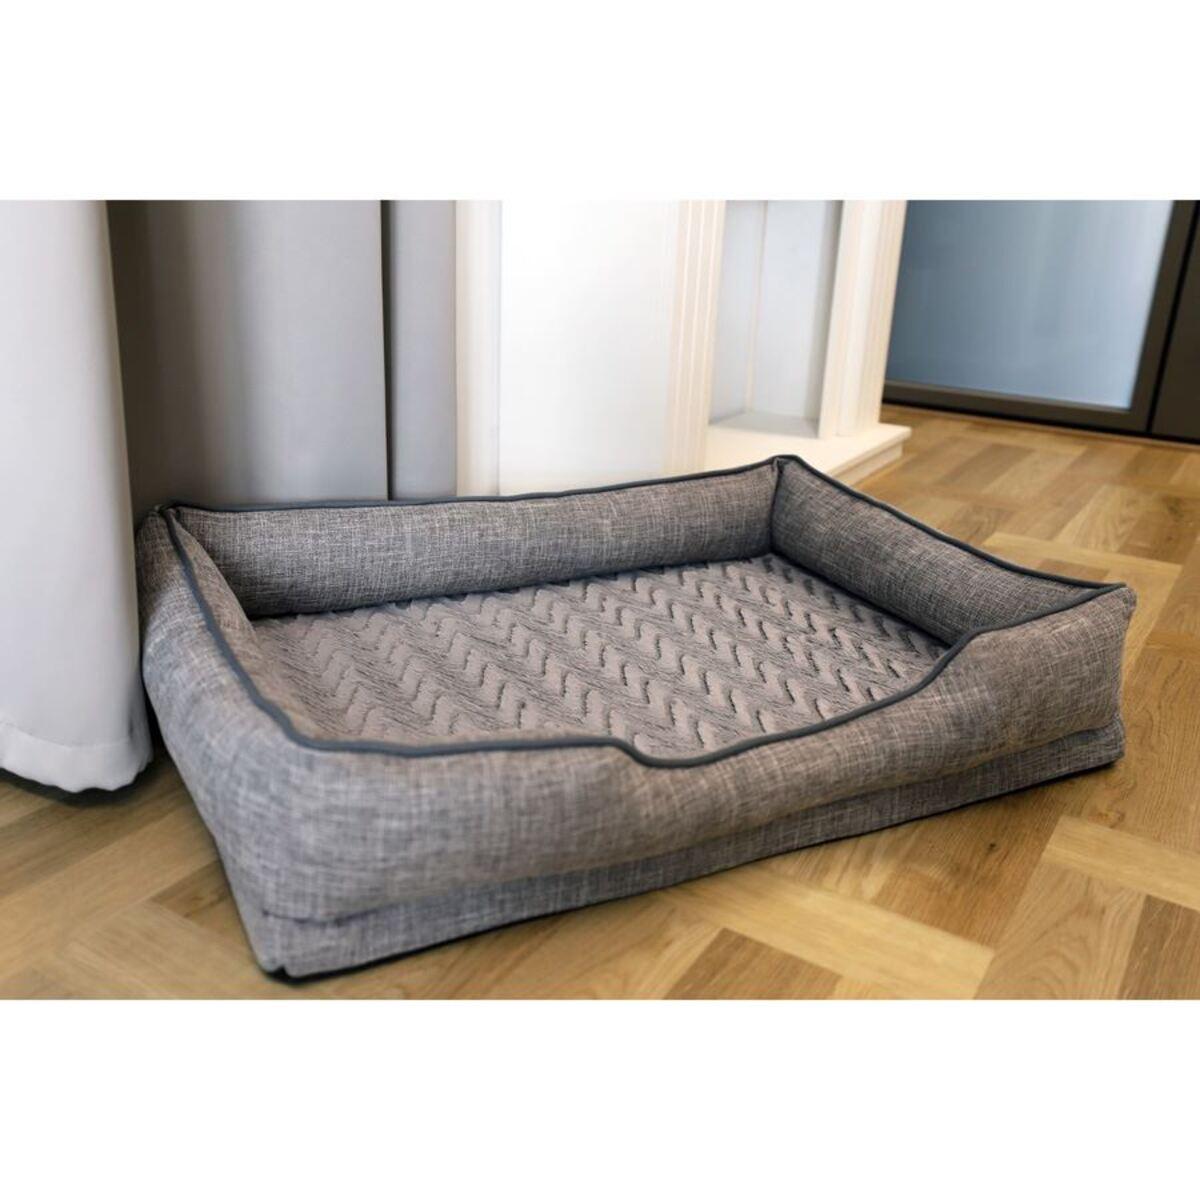 Bild 3 von Gepolstertes Hundebetten-Set 3-teilig Grau